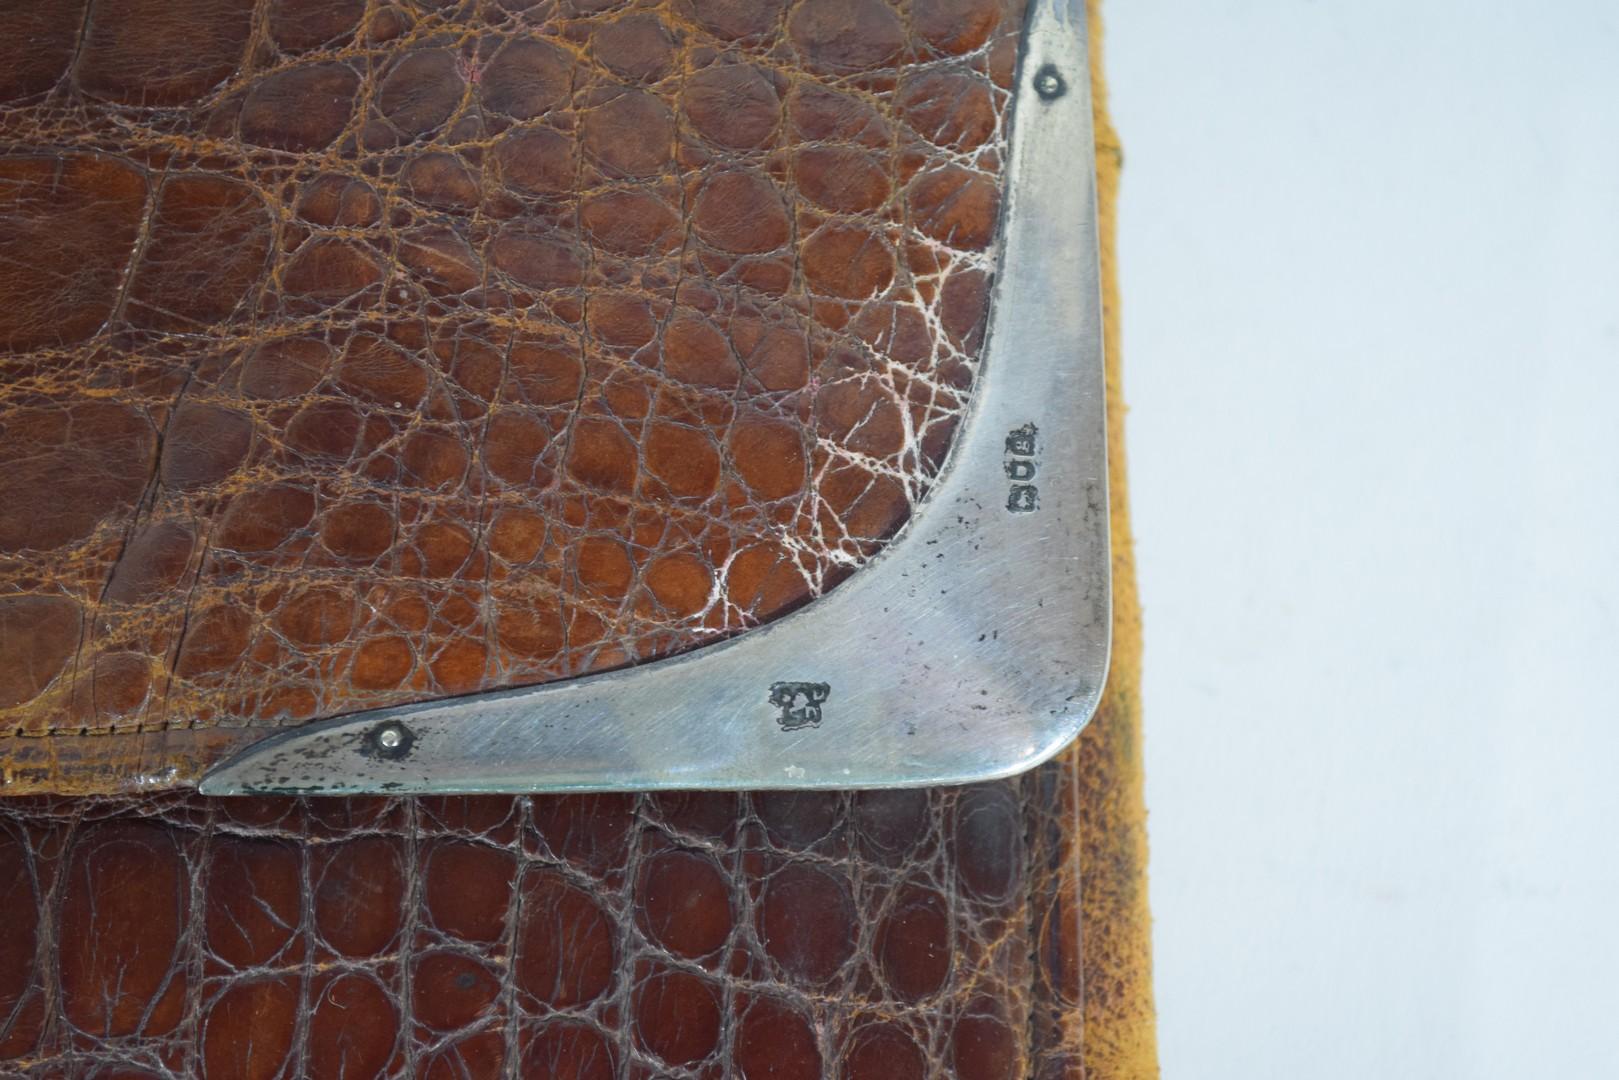 Crocodile skin attache case - Image 5 of 6